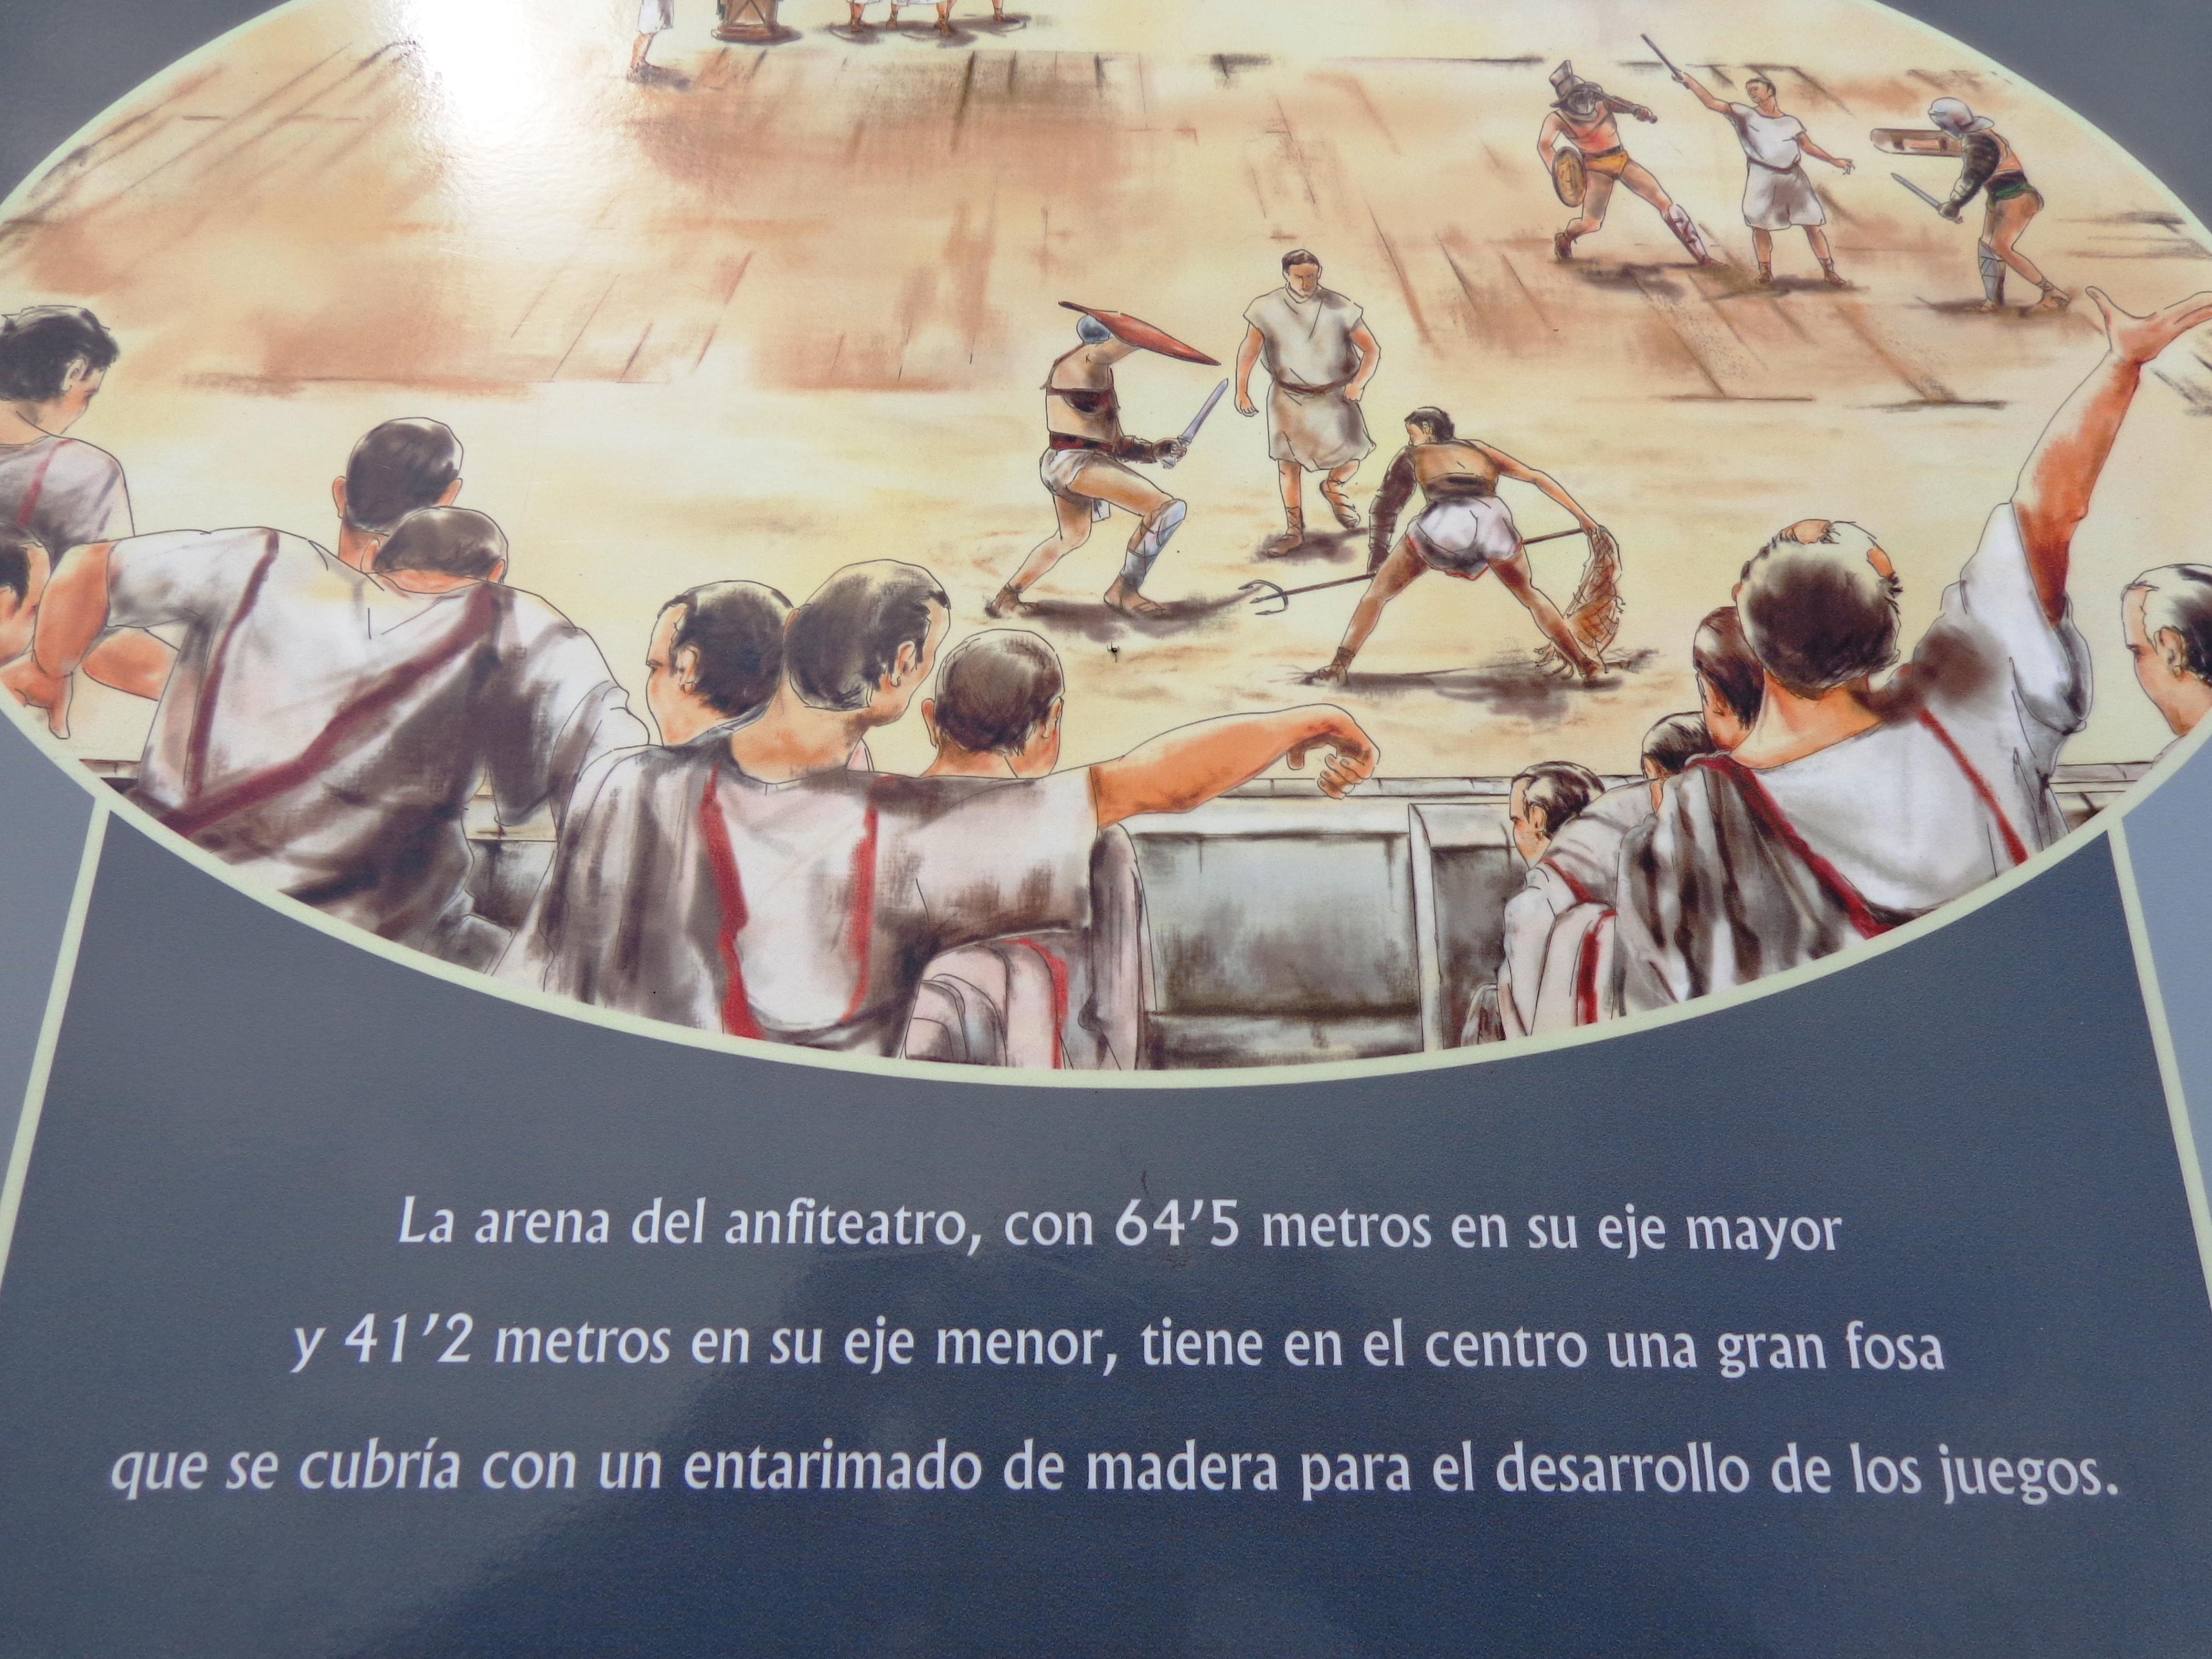 Explicación arena de anfiteatro romano en Mérida